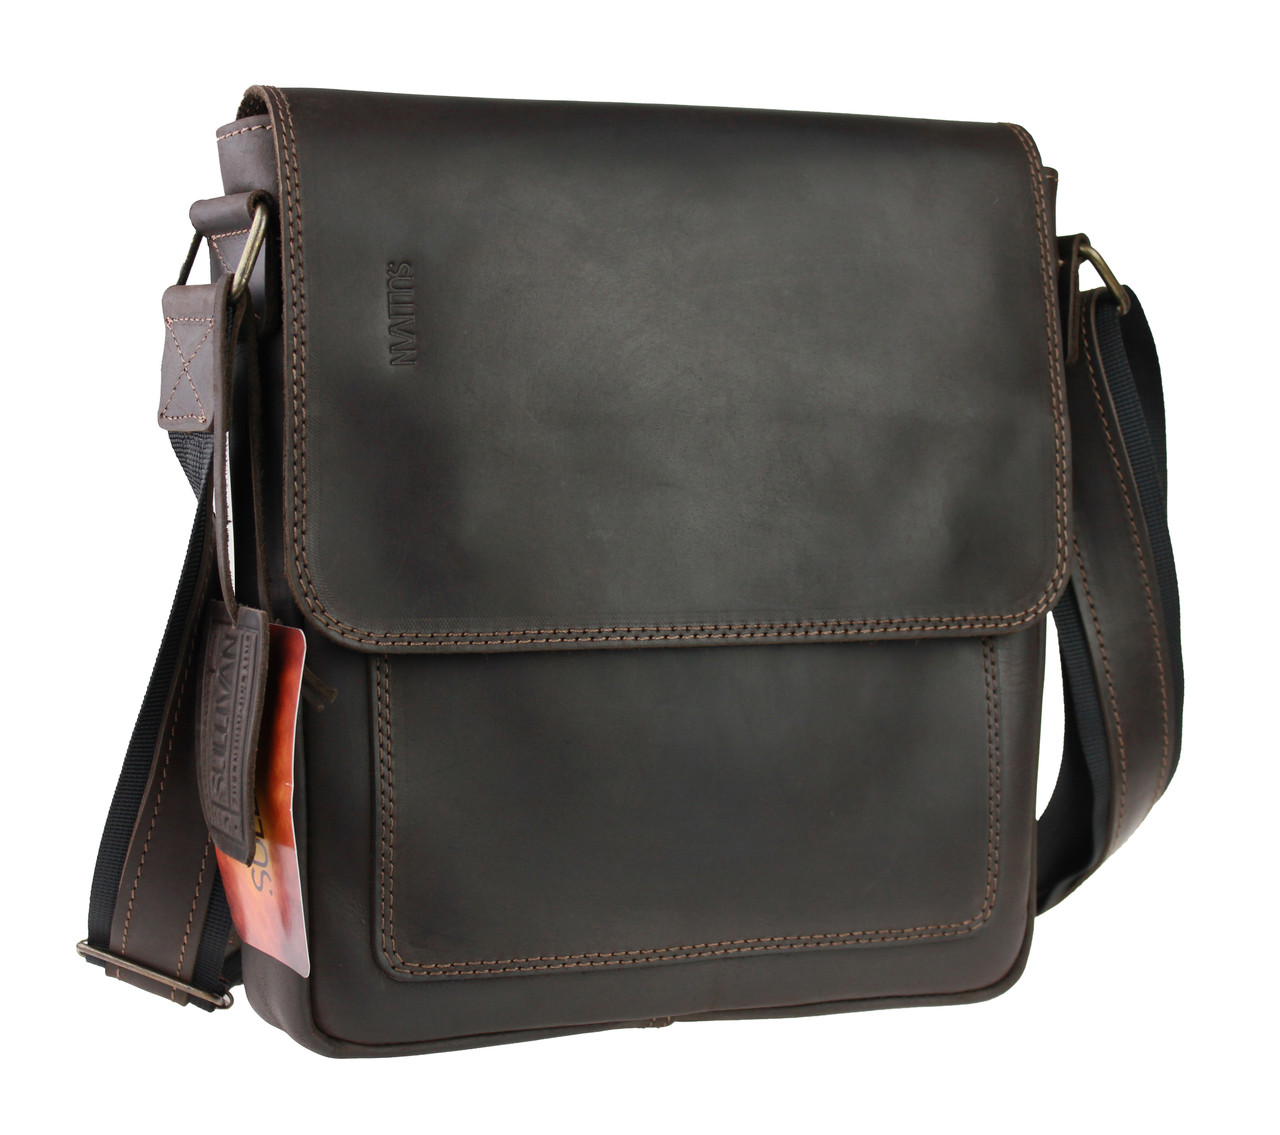 aa6eed572de3 Сумка мужская вертикальная кожаная планшет SULLIVAN: продажа, цена в ...